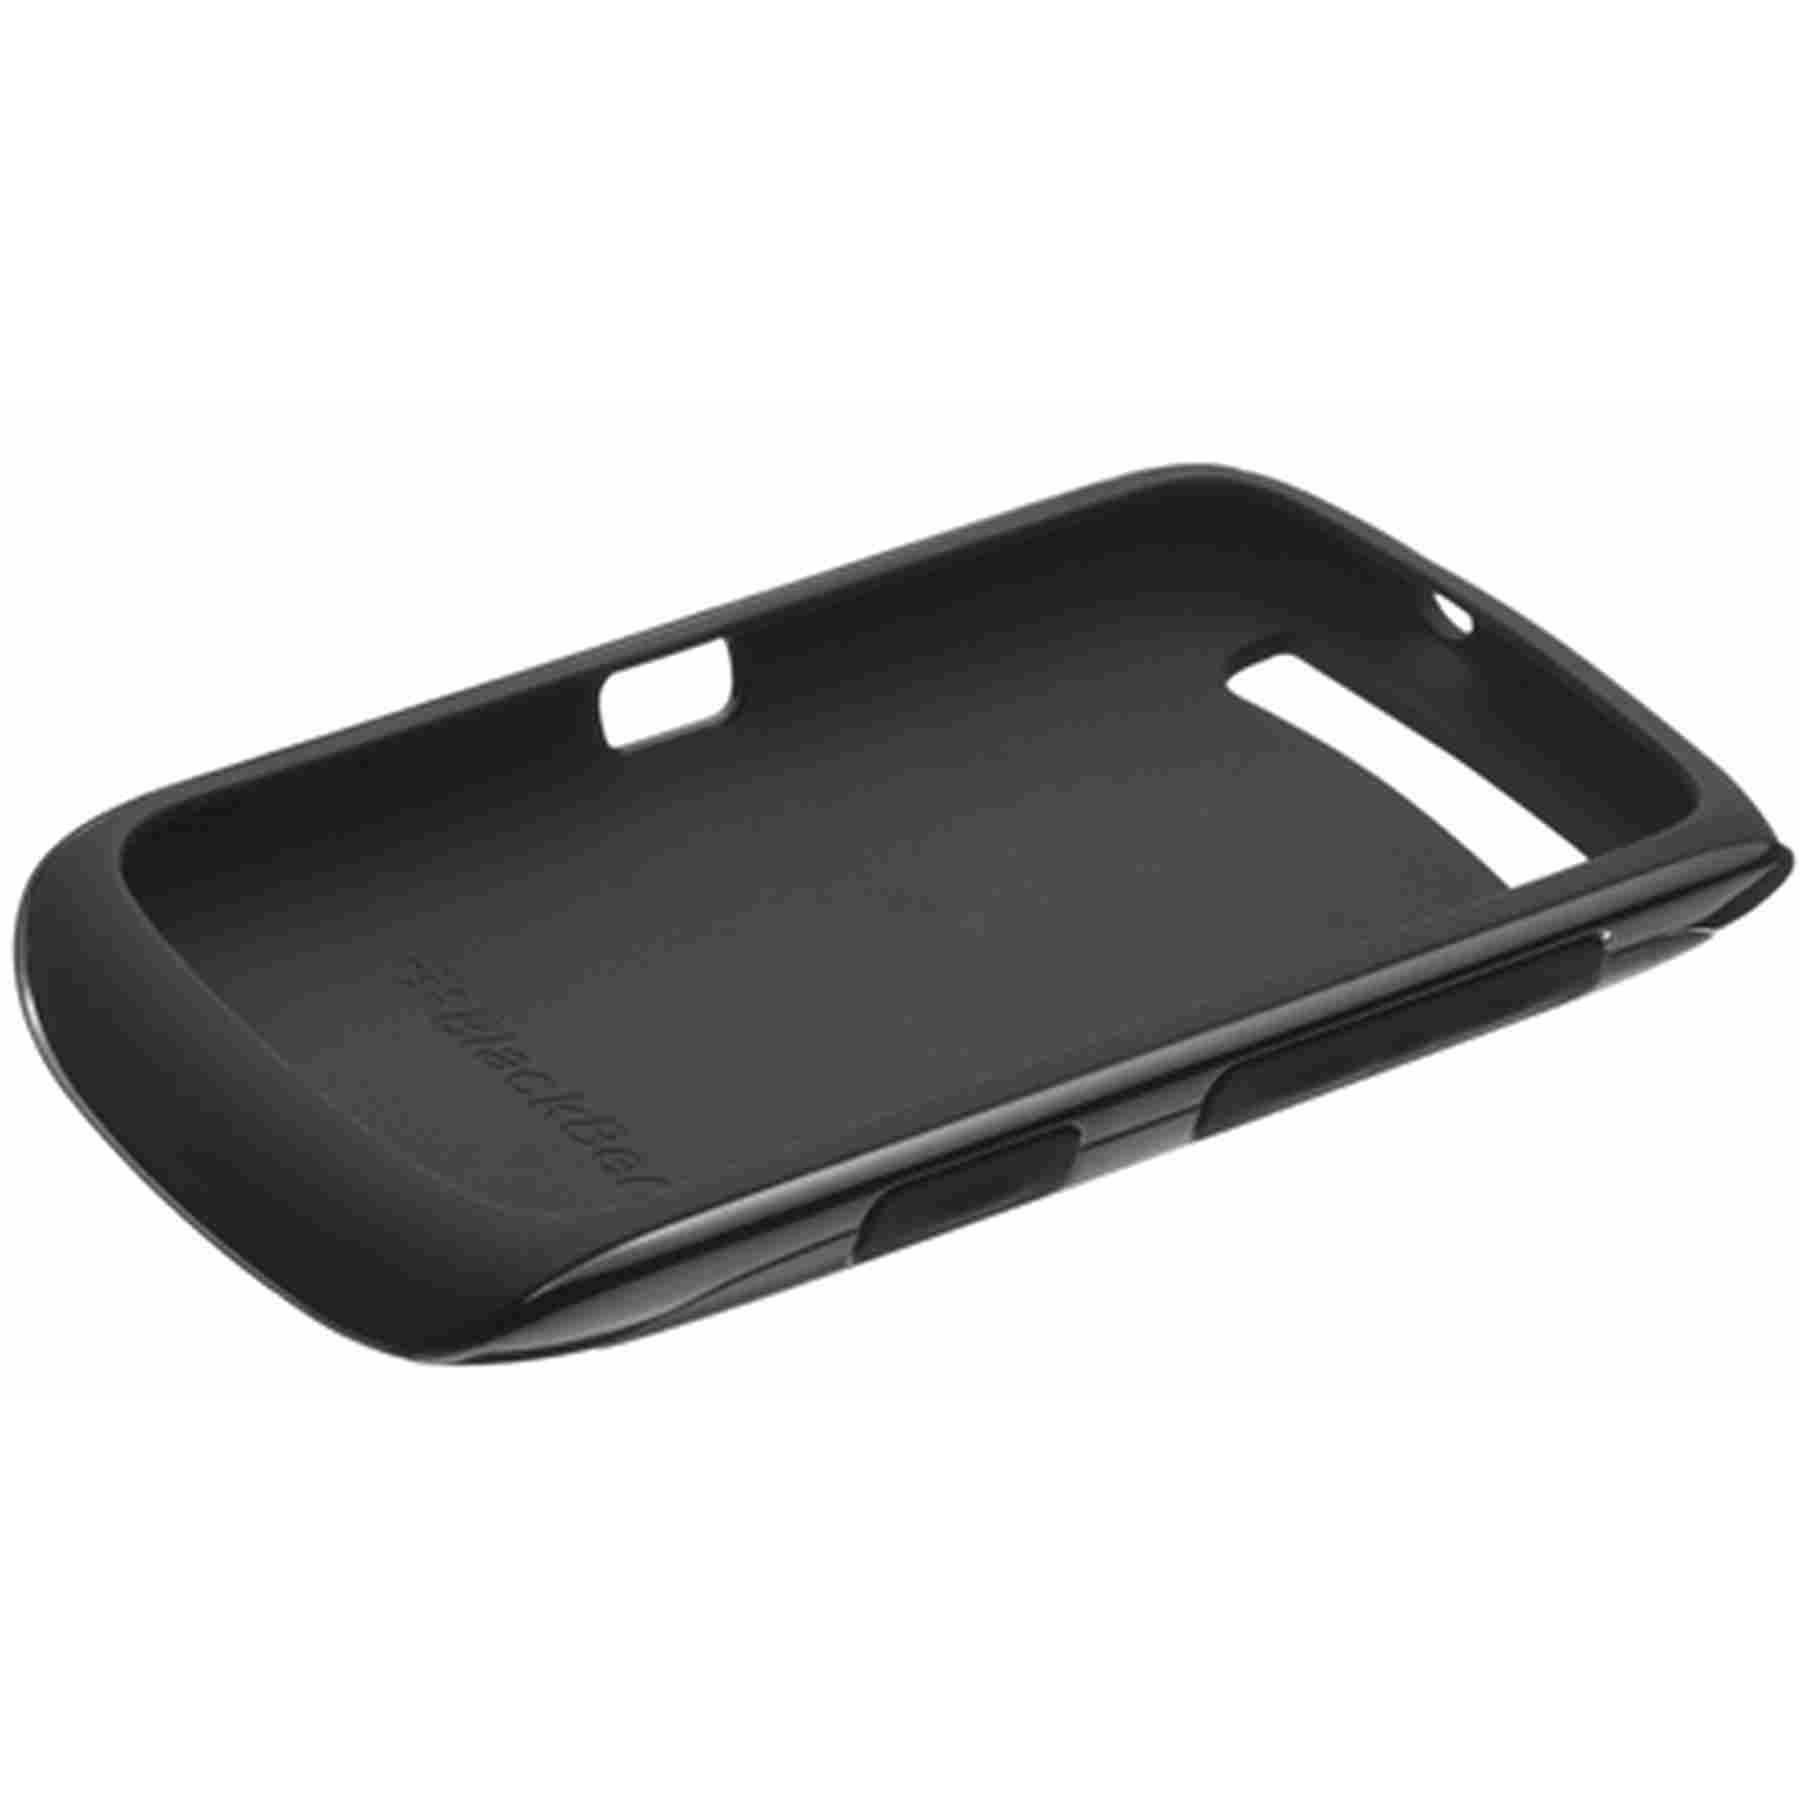 Back Case for BlackBerry Curve 9380 Black